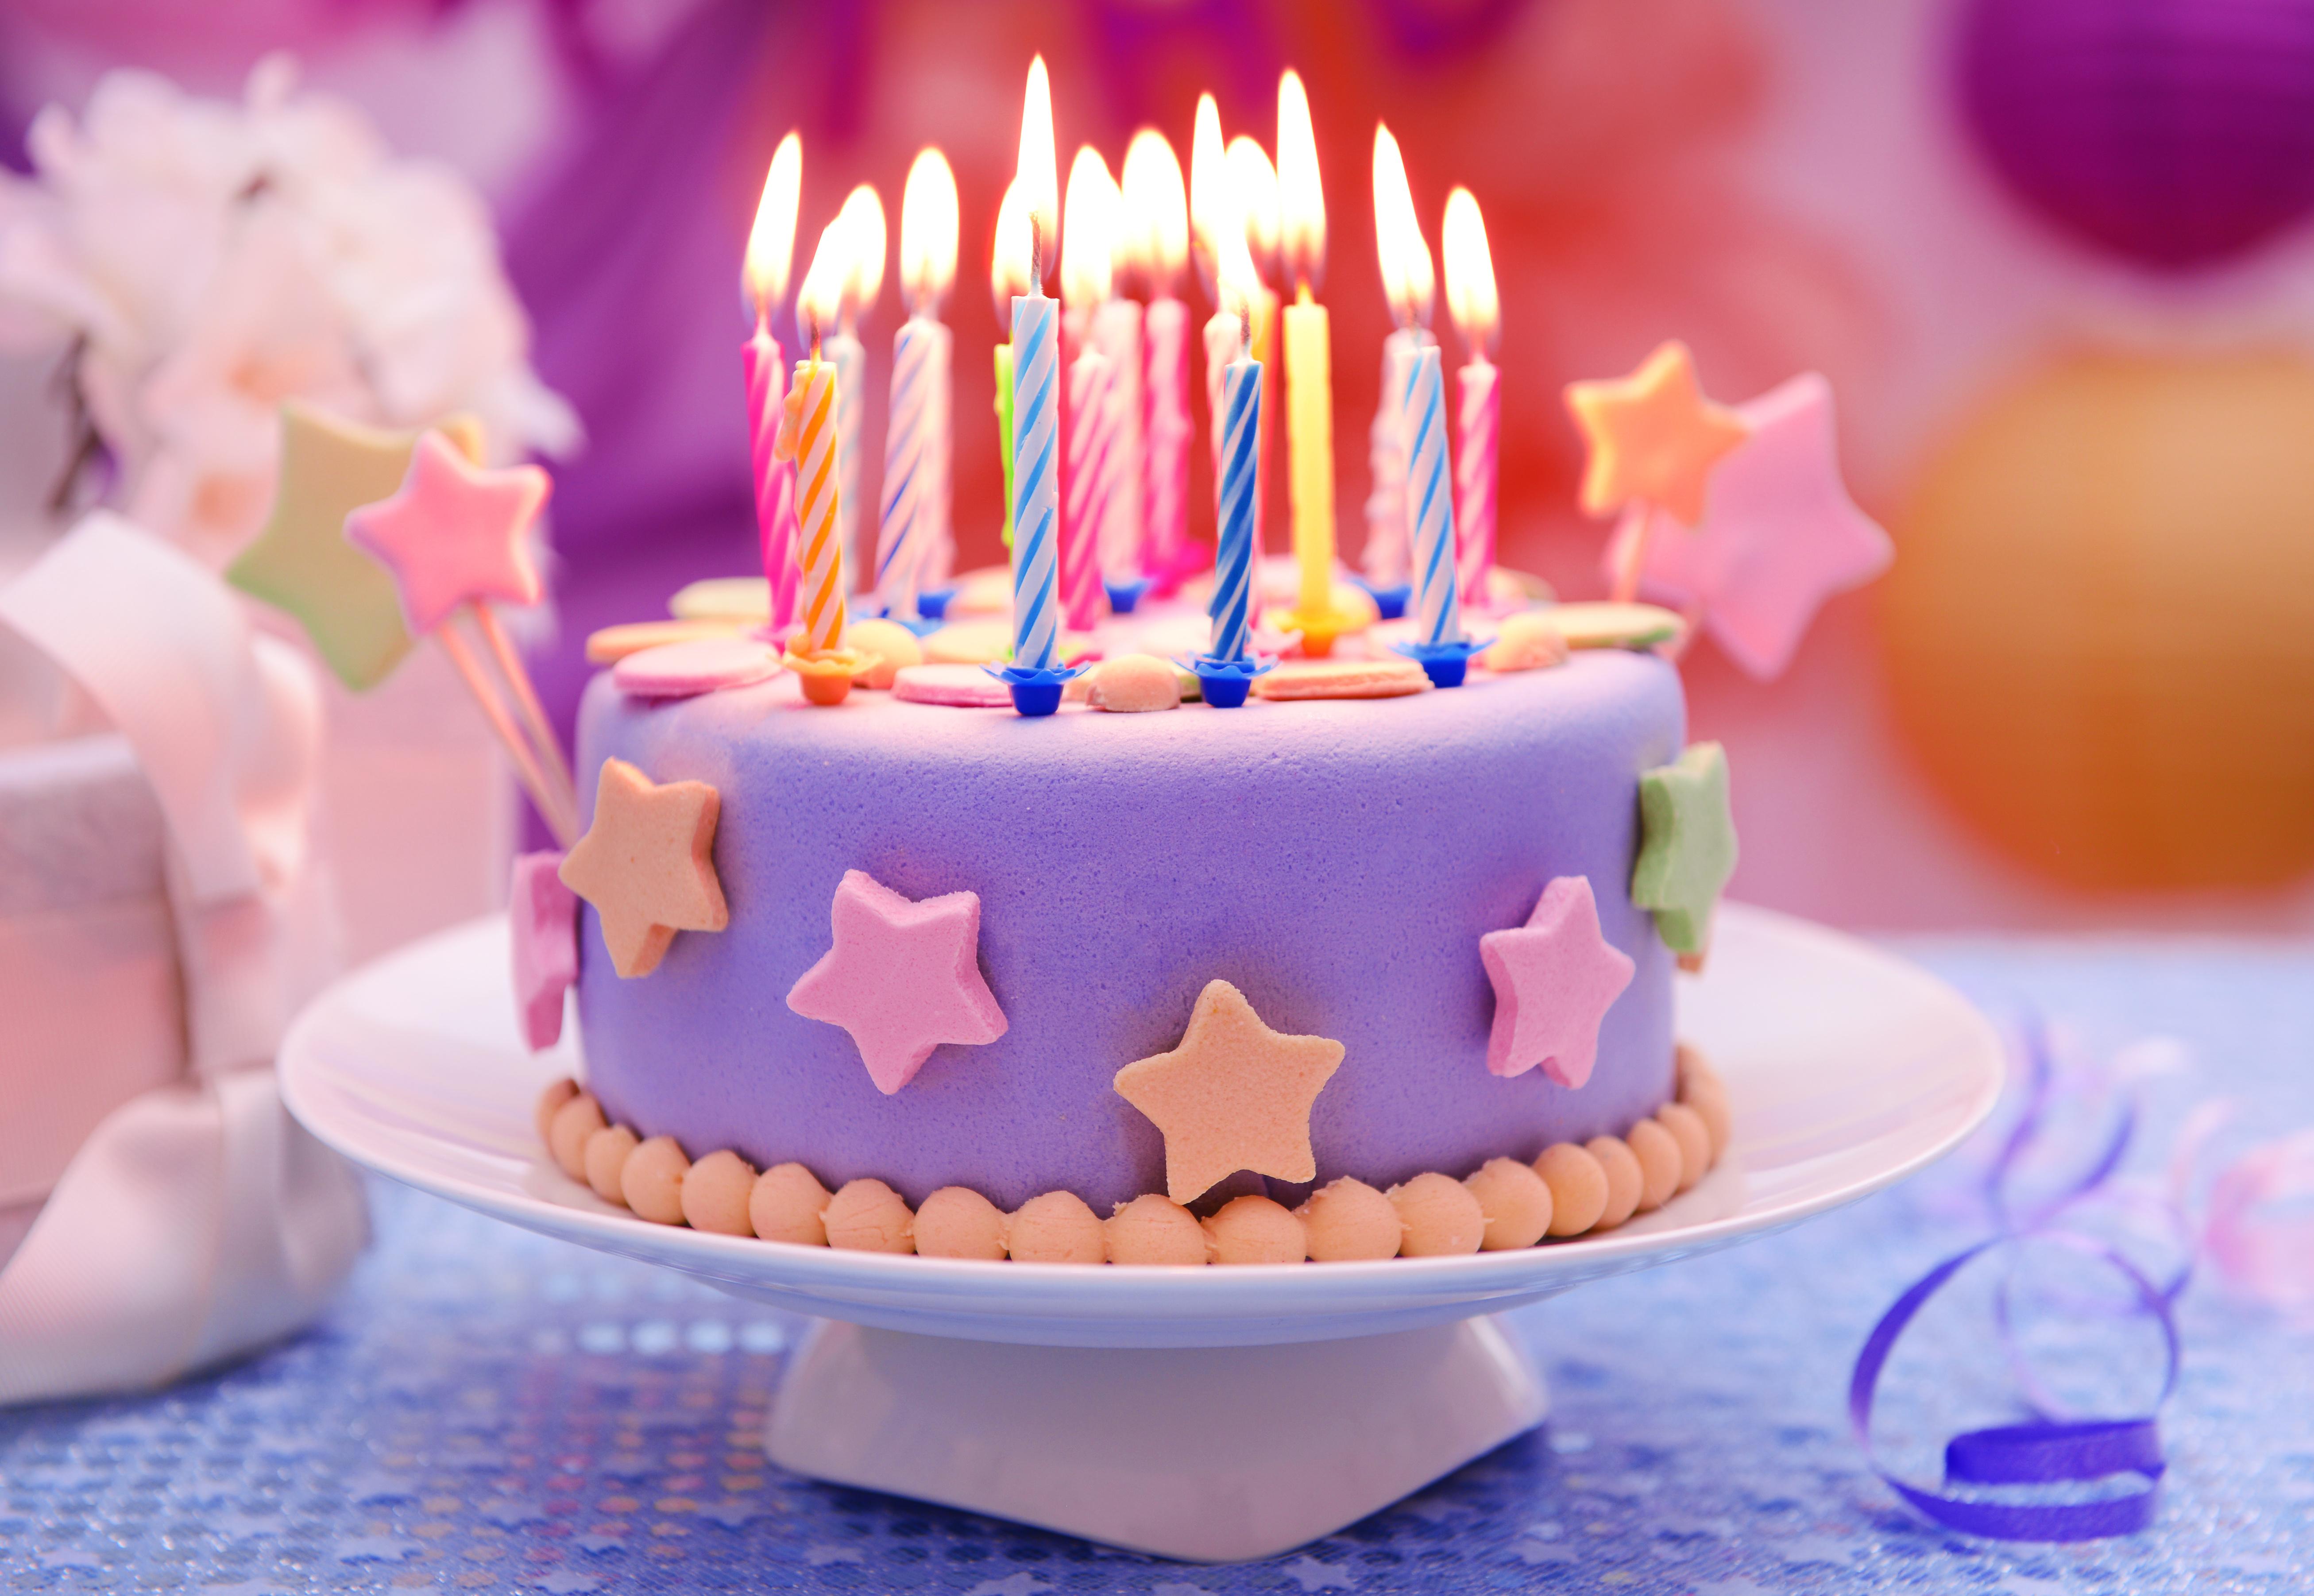 Красивый торт на день рождения картинки